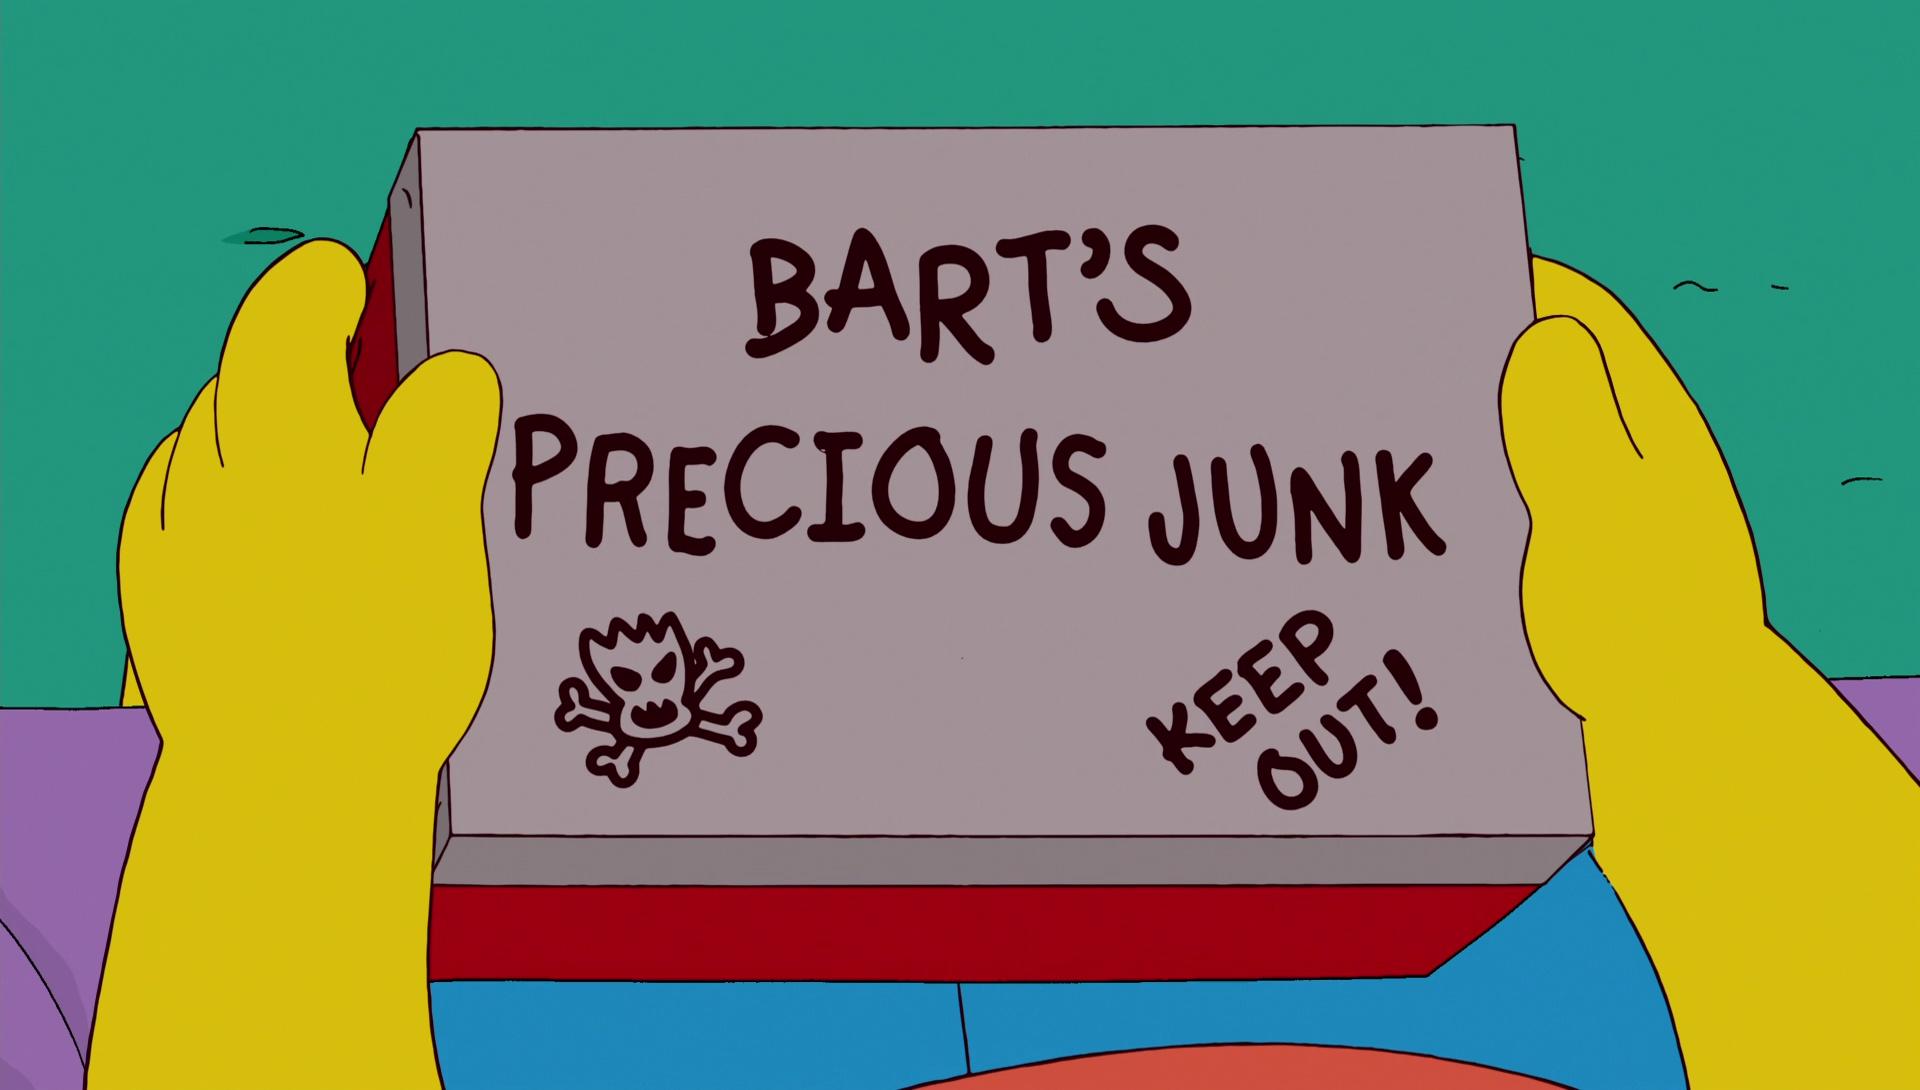 Bart's Precious Junk